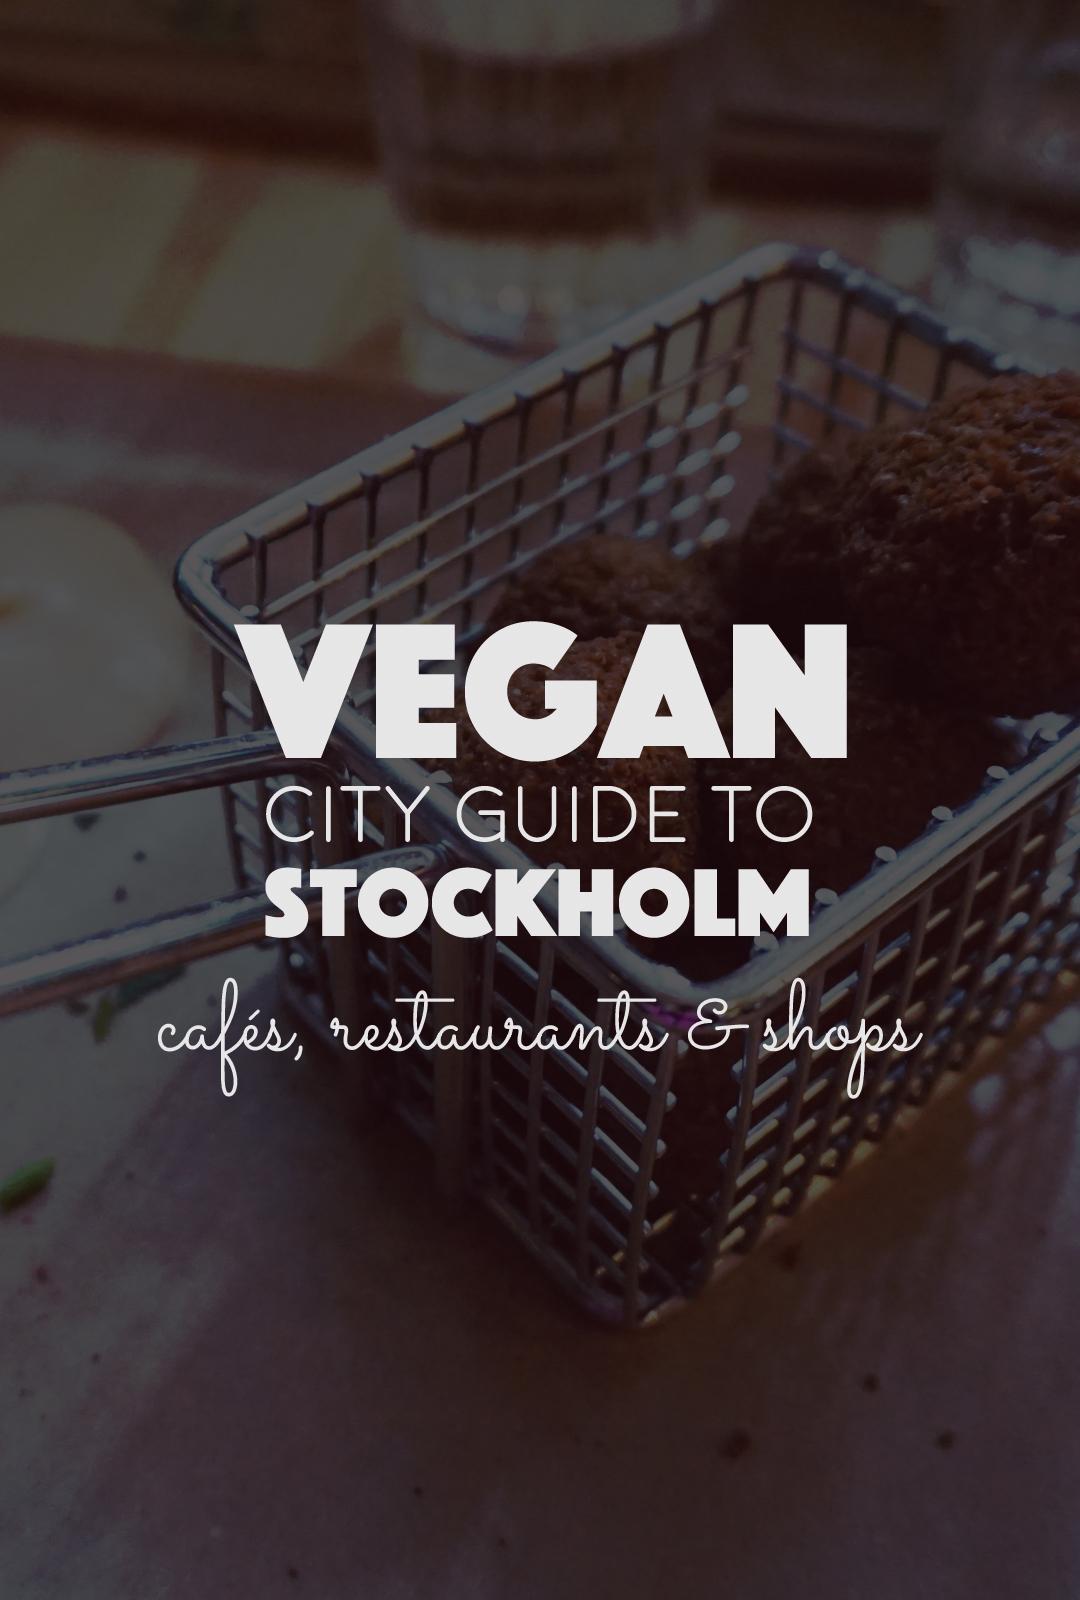 Vegan City Guide to Stockholm | http://BananaBloom.com Vegan City Guide, Vegan Food in Stockholm, Plant Based, Café Restaurant Shop, Healthy Food, Sweden, Visit Sweden